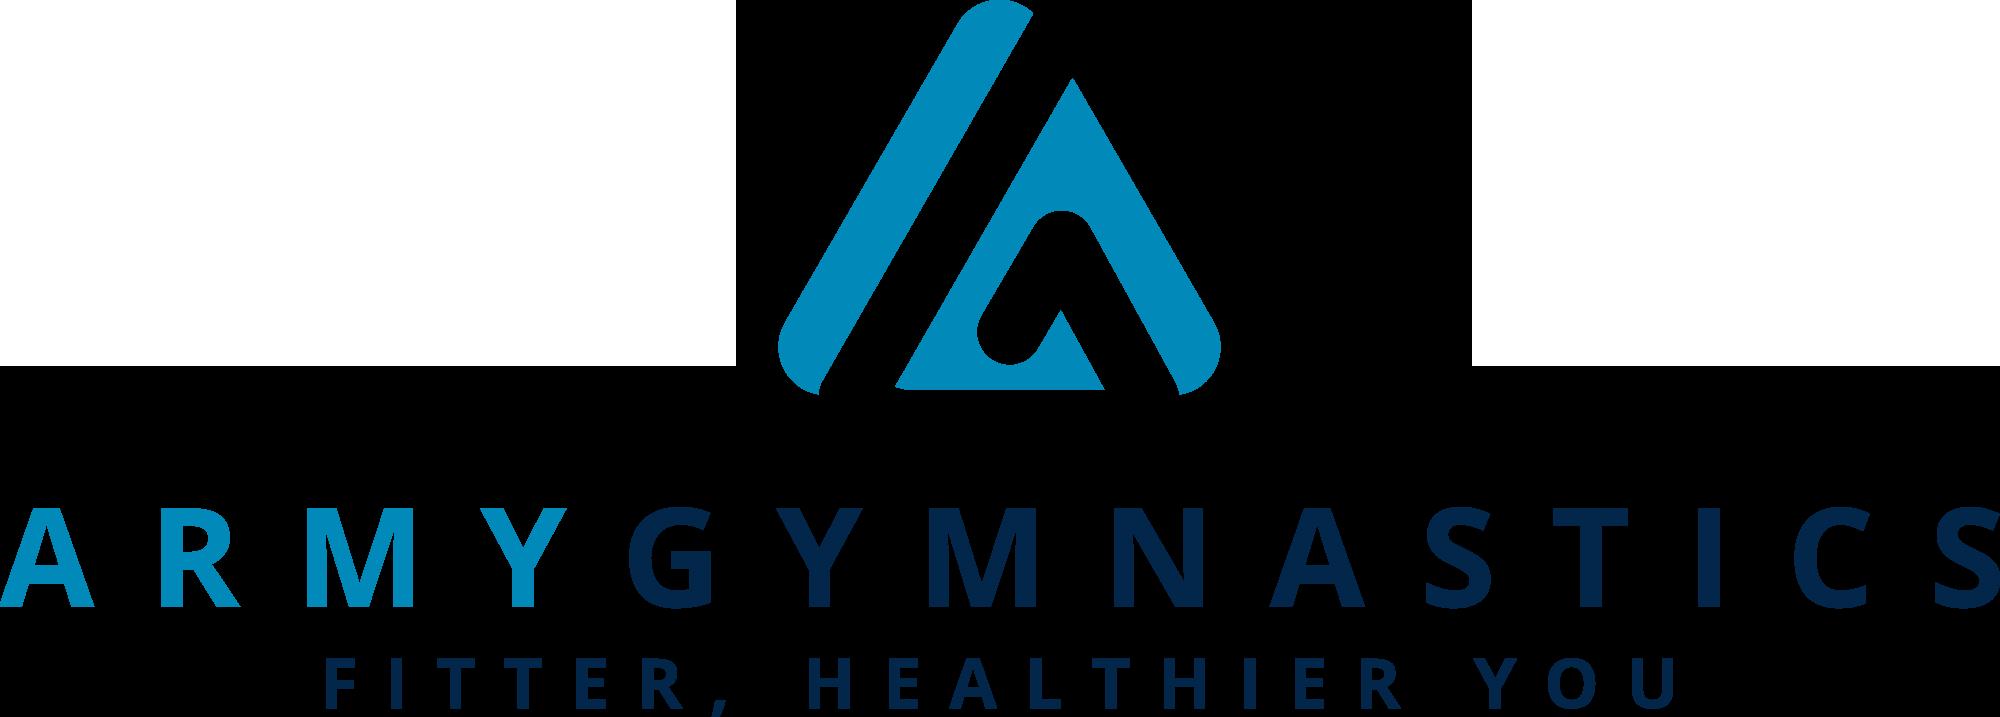 army_gymnastics